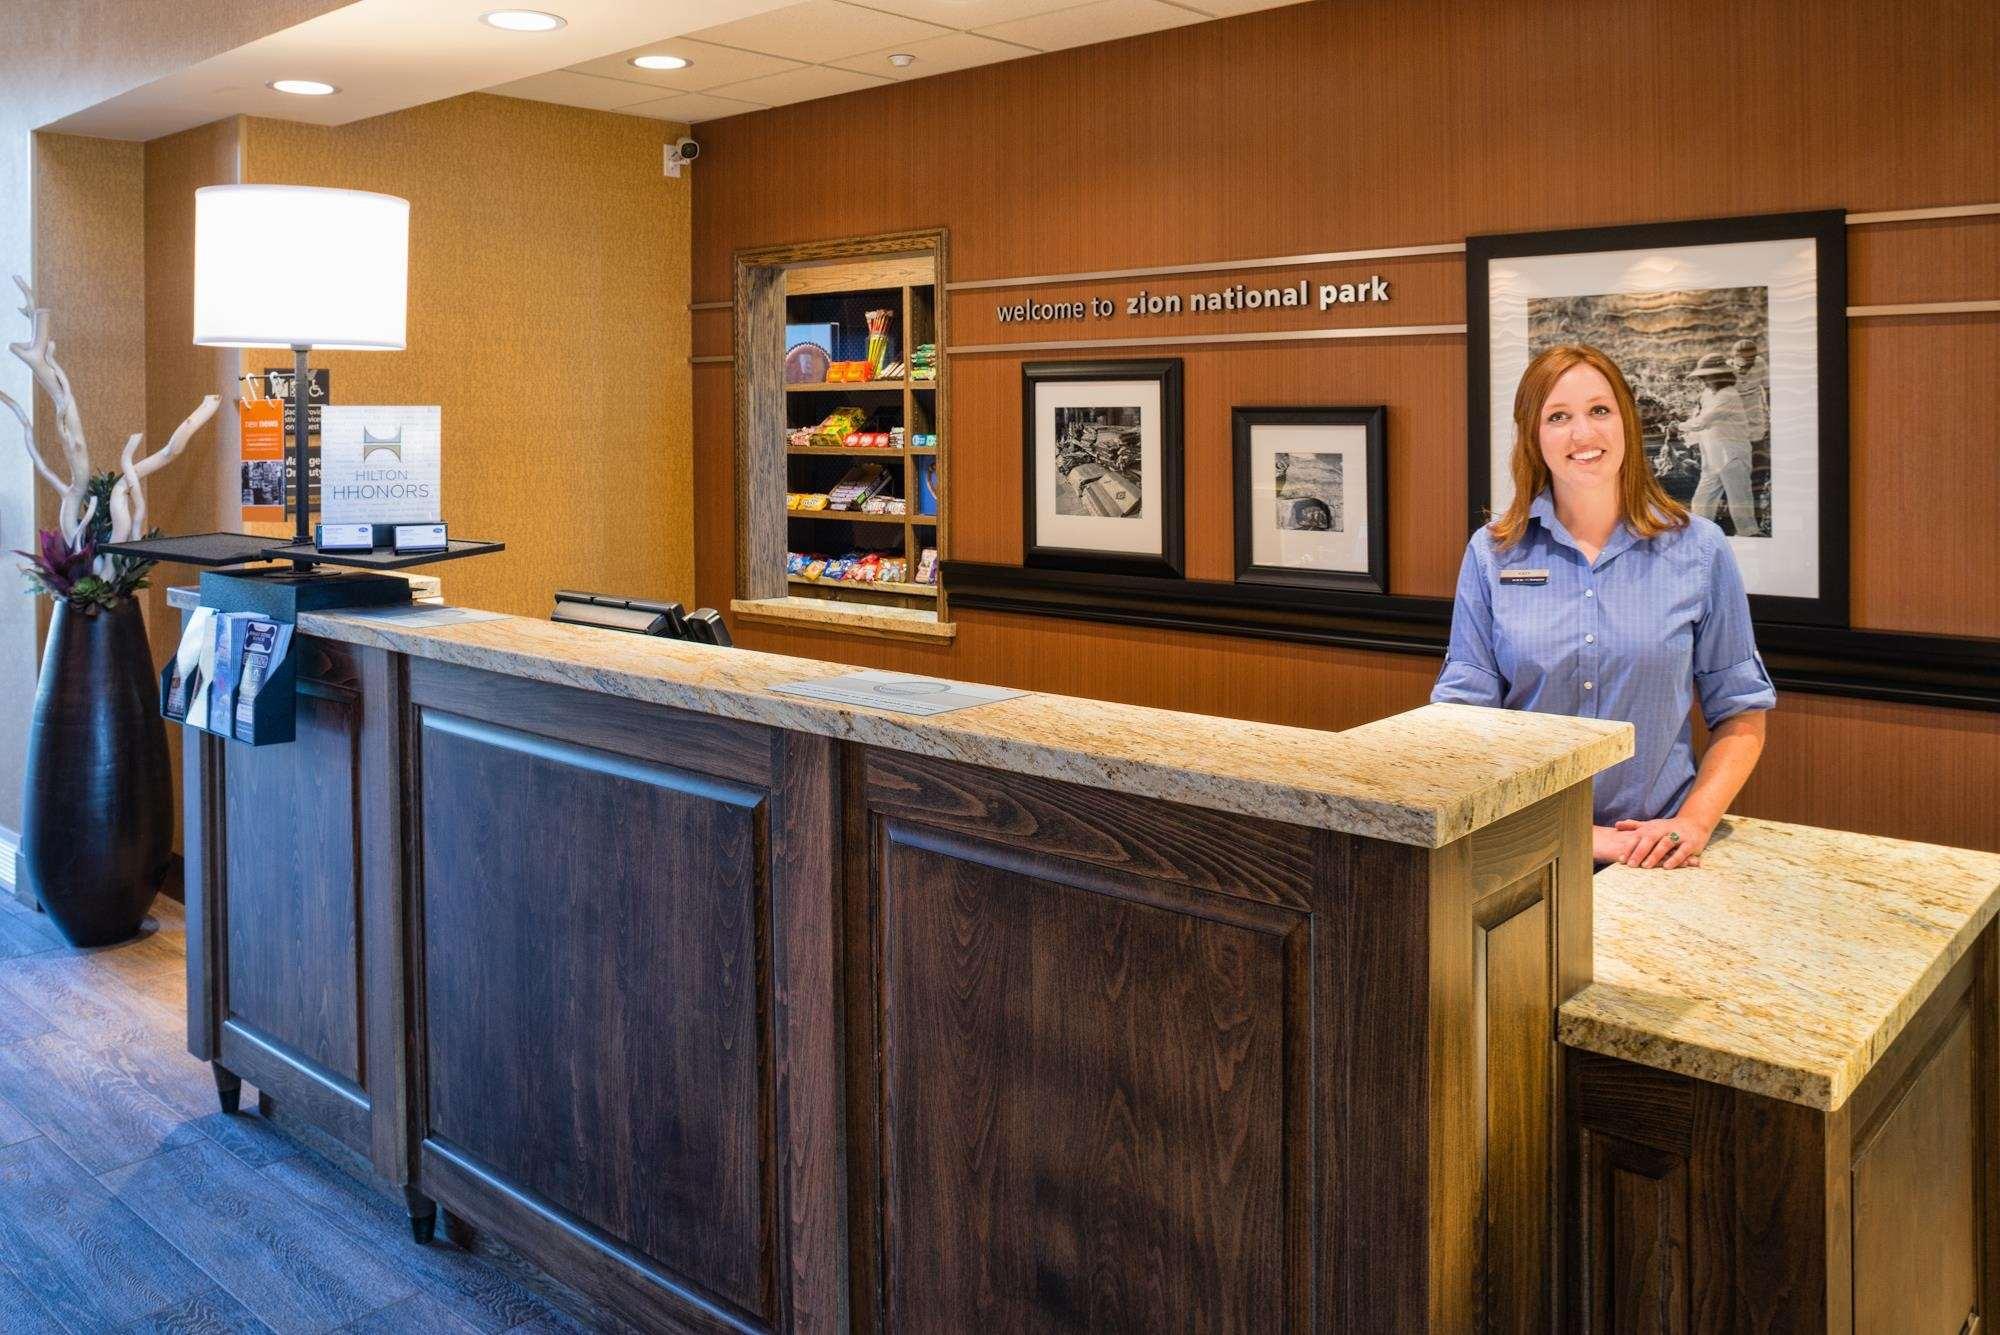 Hampton Inn & Suites Springdale/Zion National Park image 9